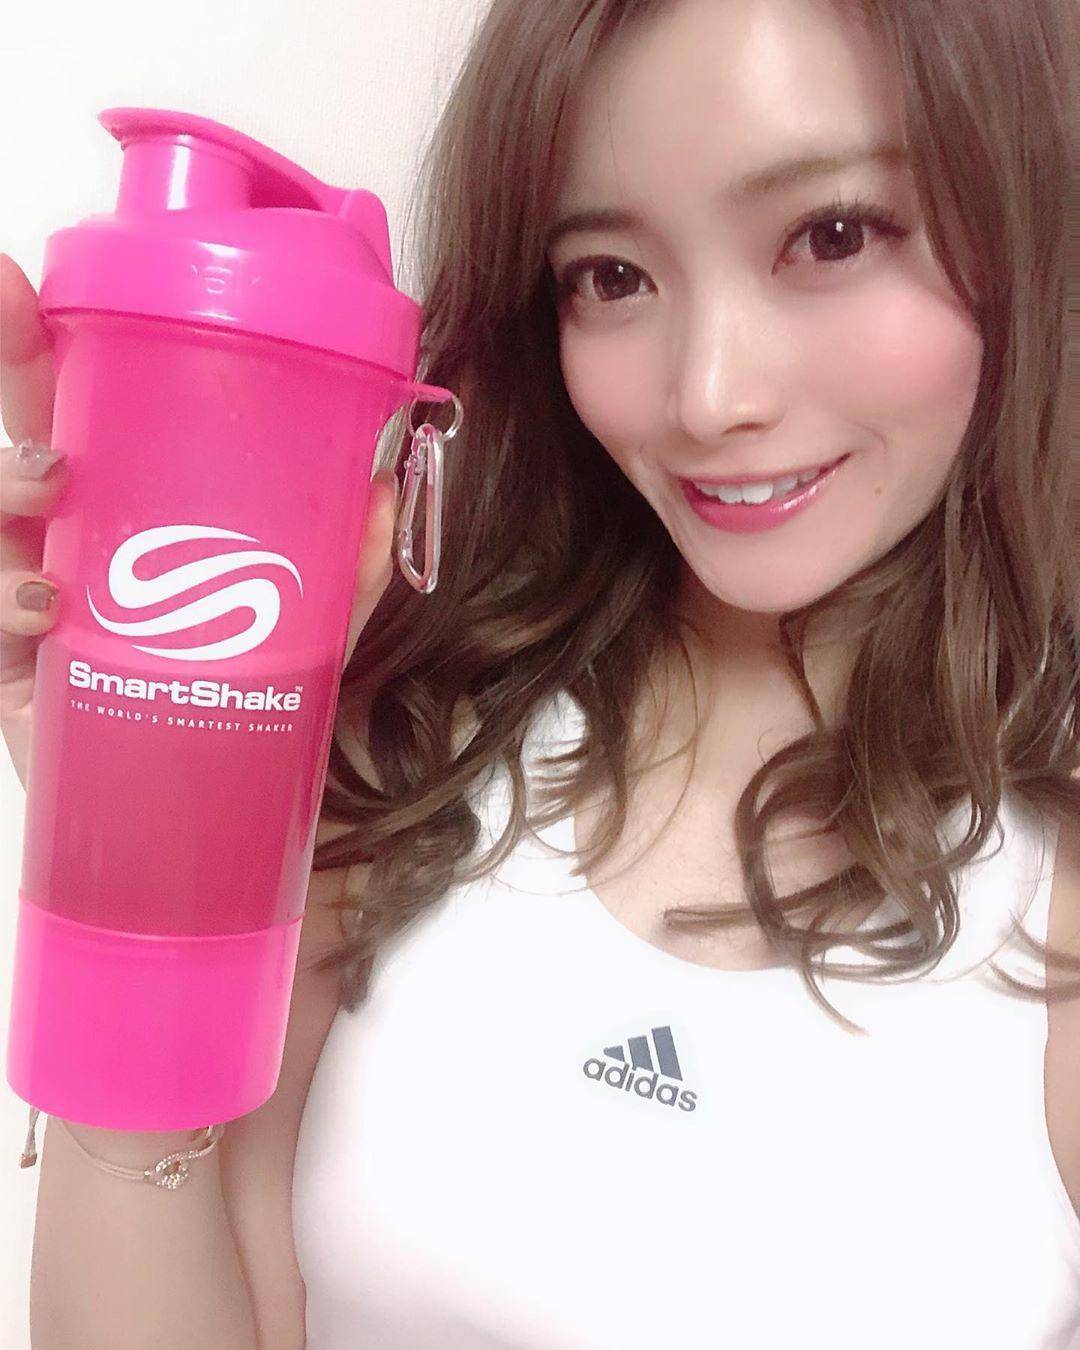 hashimoto_maho072.jpg